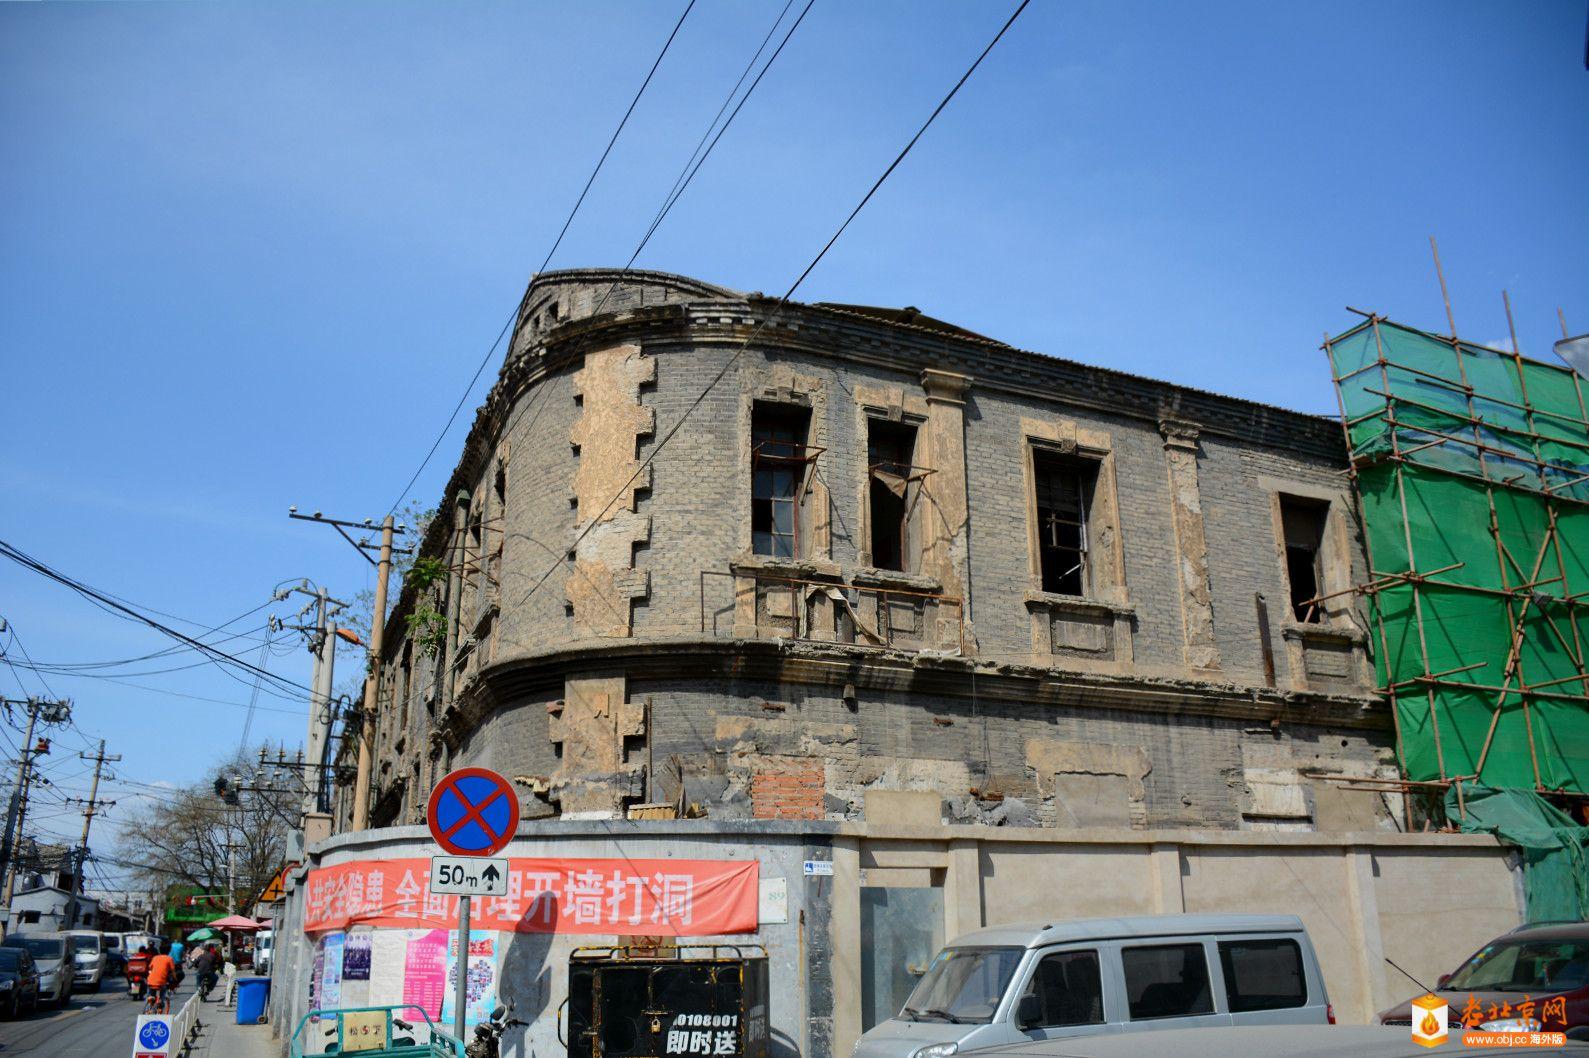 旧时京城里的沪上风情-新市区泰安里